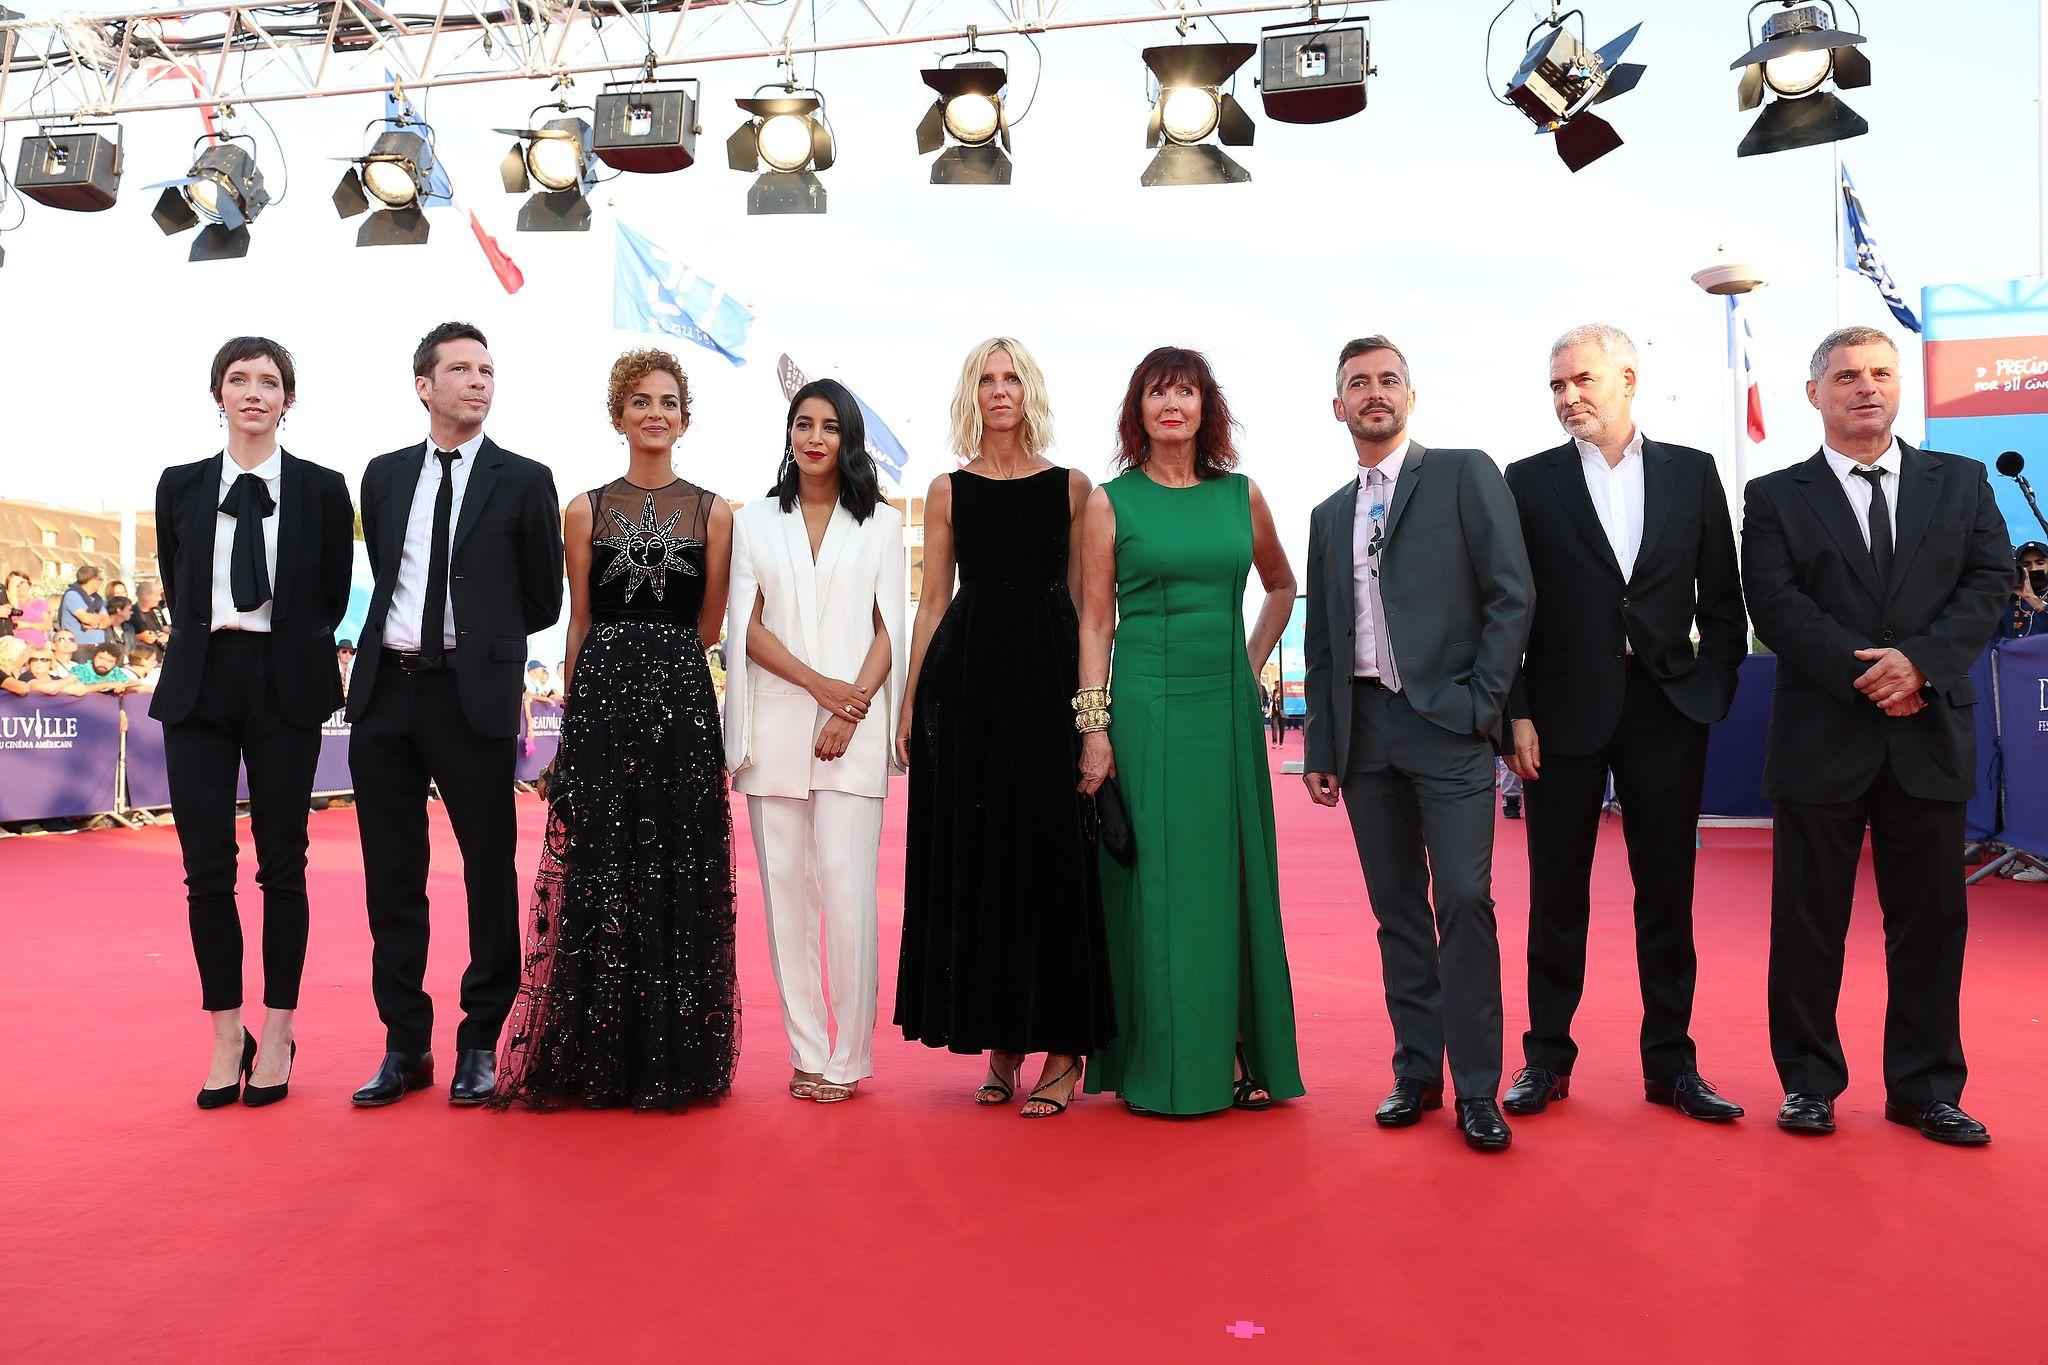 Deauville 2018 - jury